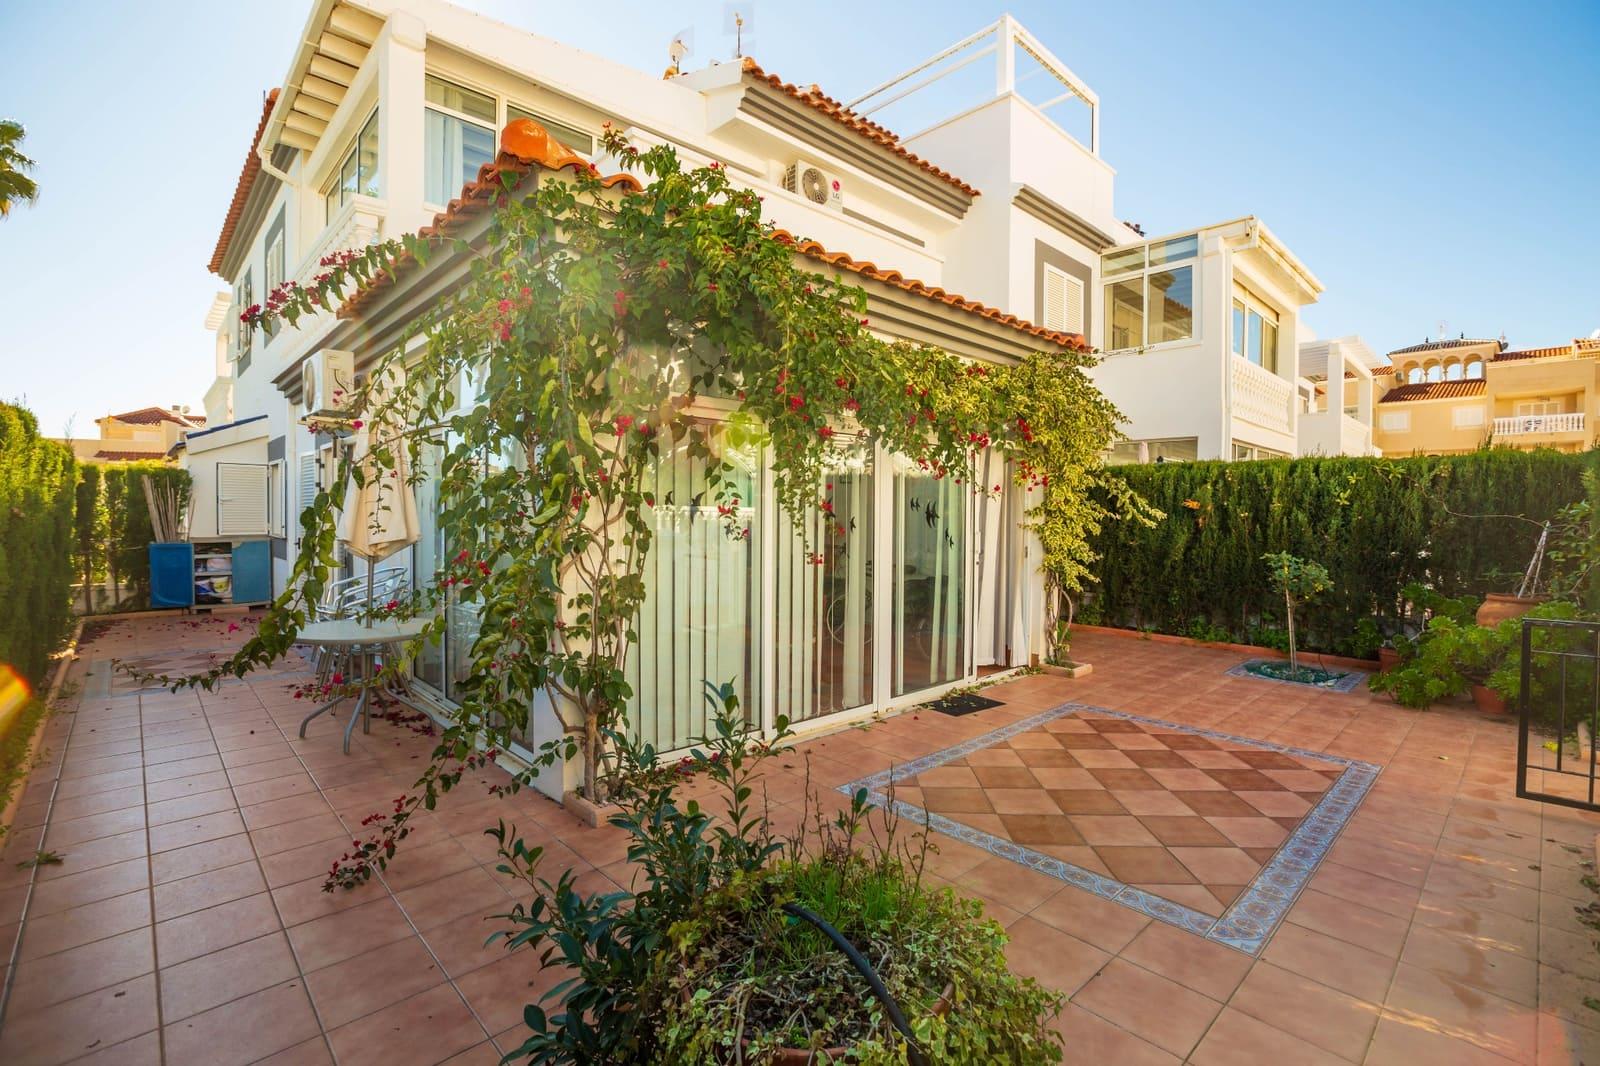 Chalet de 3 habitaciones en Playa Flamenca en venta con piscina - 180.000 € (Ref: 5079728)